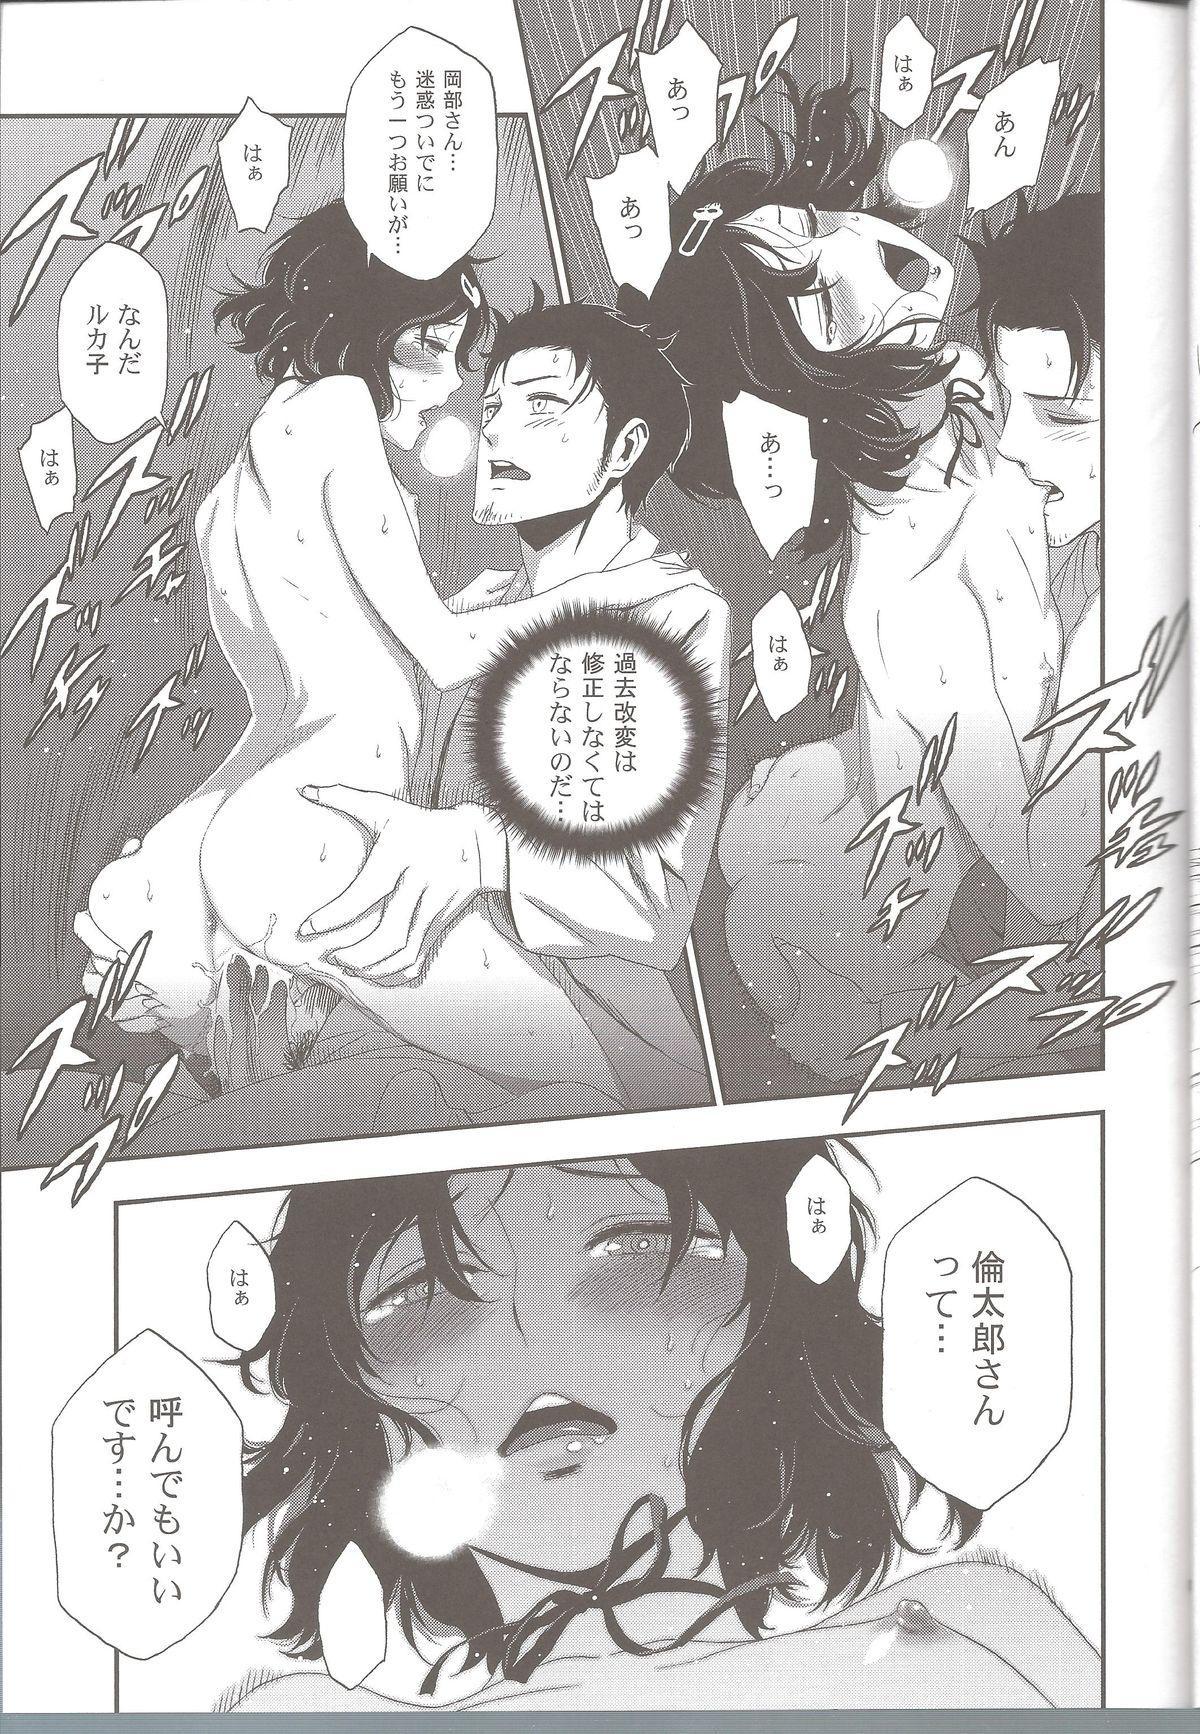 Shiiseishou no Maria 14